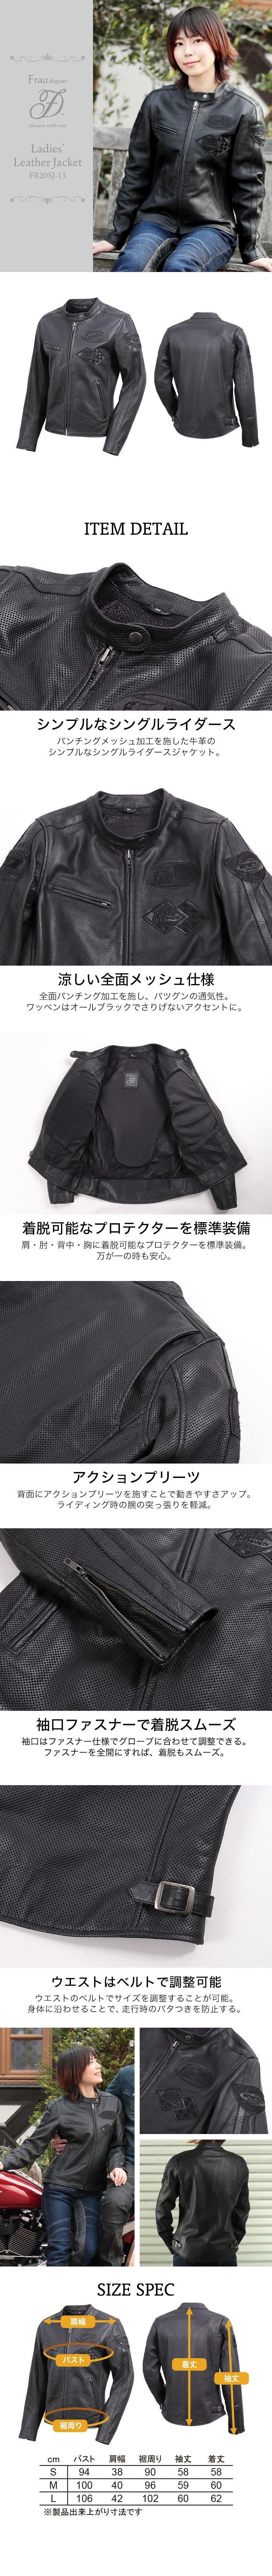 デグナー DEGNER ライダースジャケット FR20SJ-13 レディース 本革 レザー